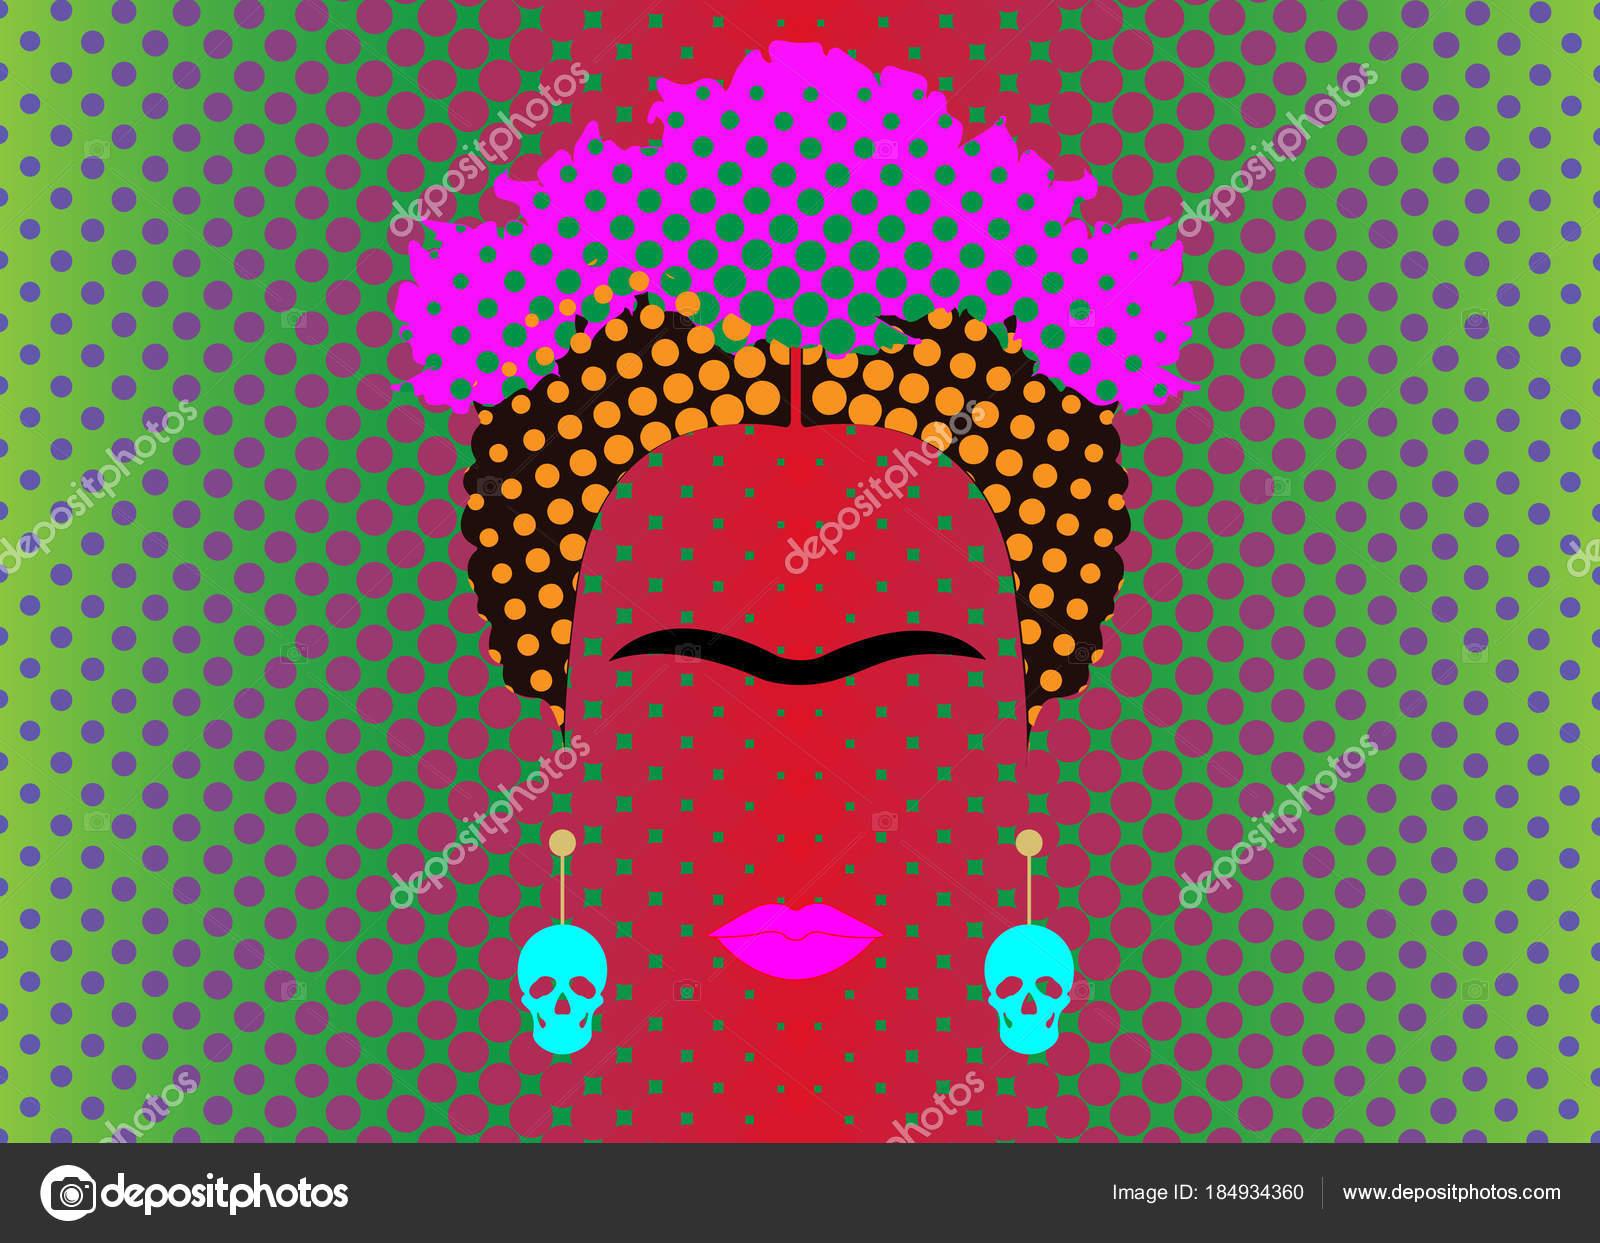 Retrato de frida kahlo vector con cr neos de aretes for Cuartos decorados de frida kahlo